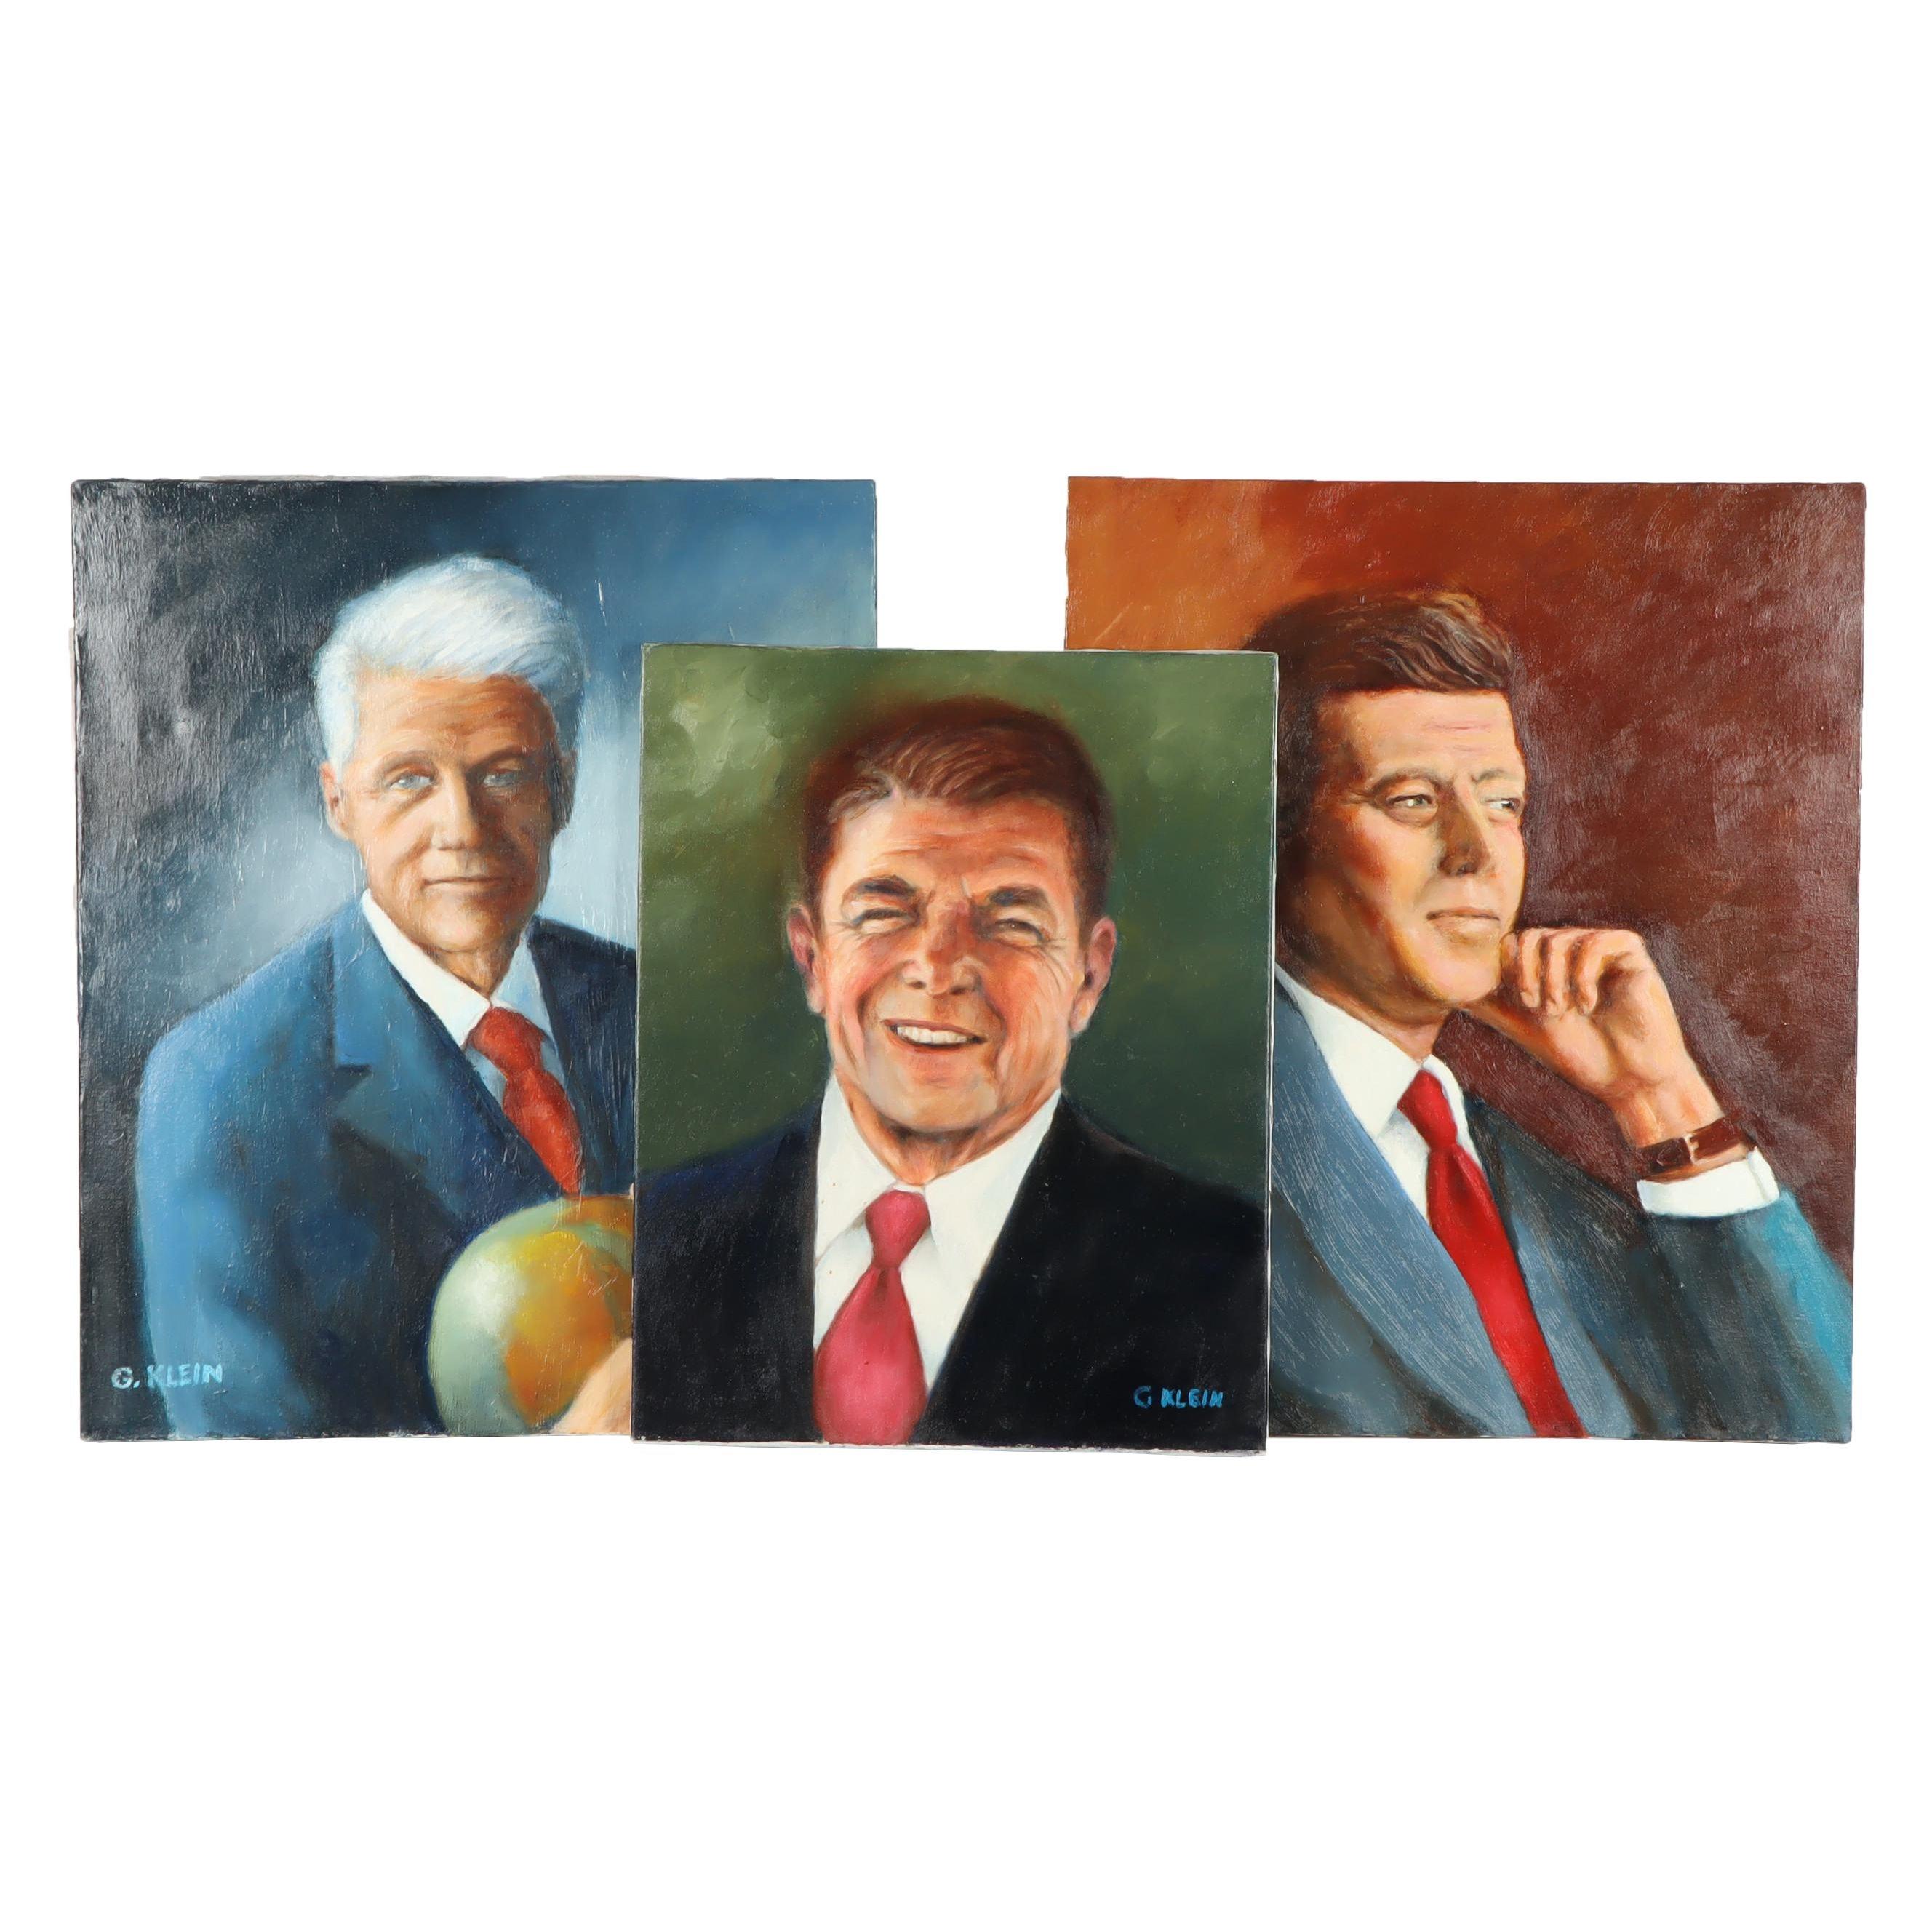 George Klein Presidential Portrait Oil Paintings